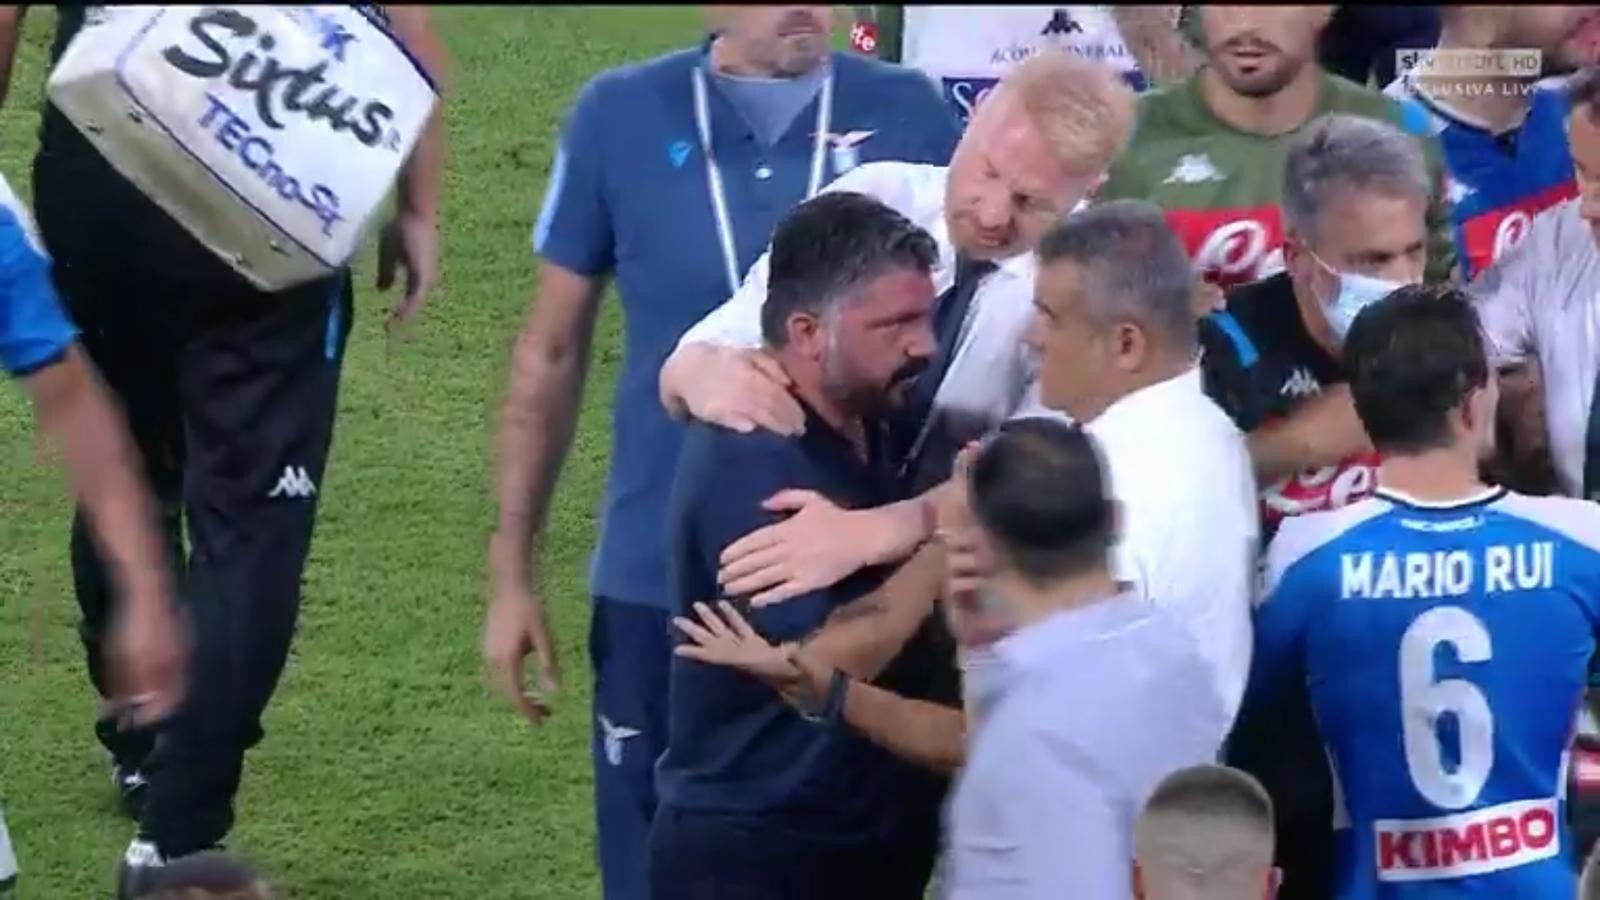 Napoli-Lazio, scintille nel finale: Gattuso ringhia contro Inzaghi